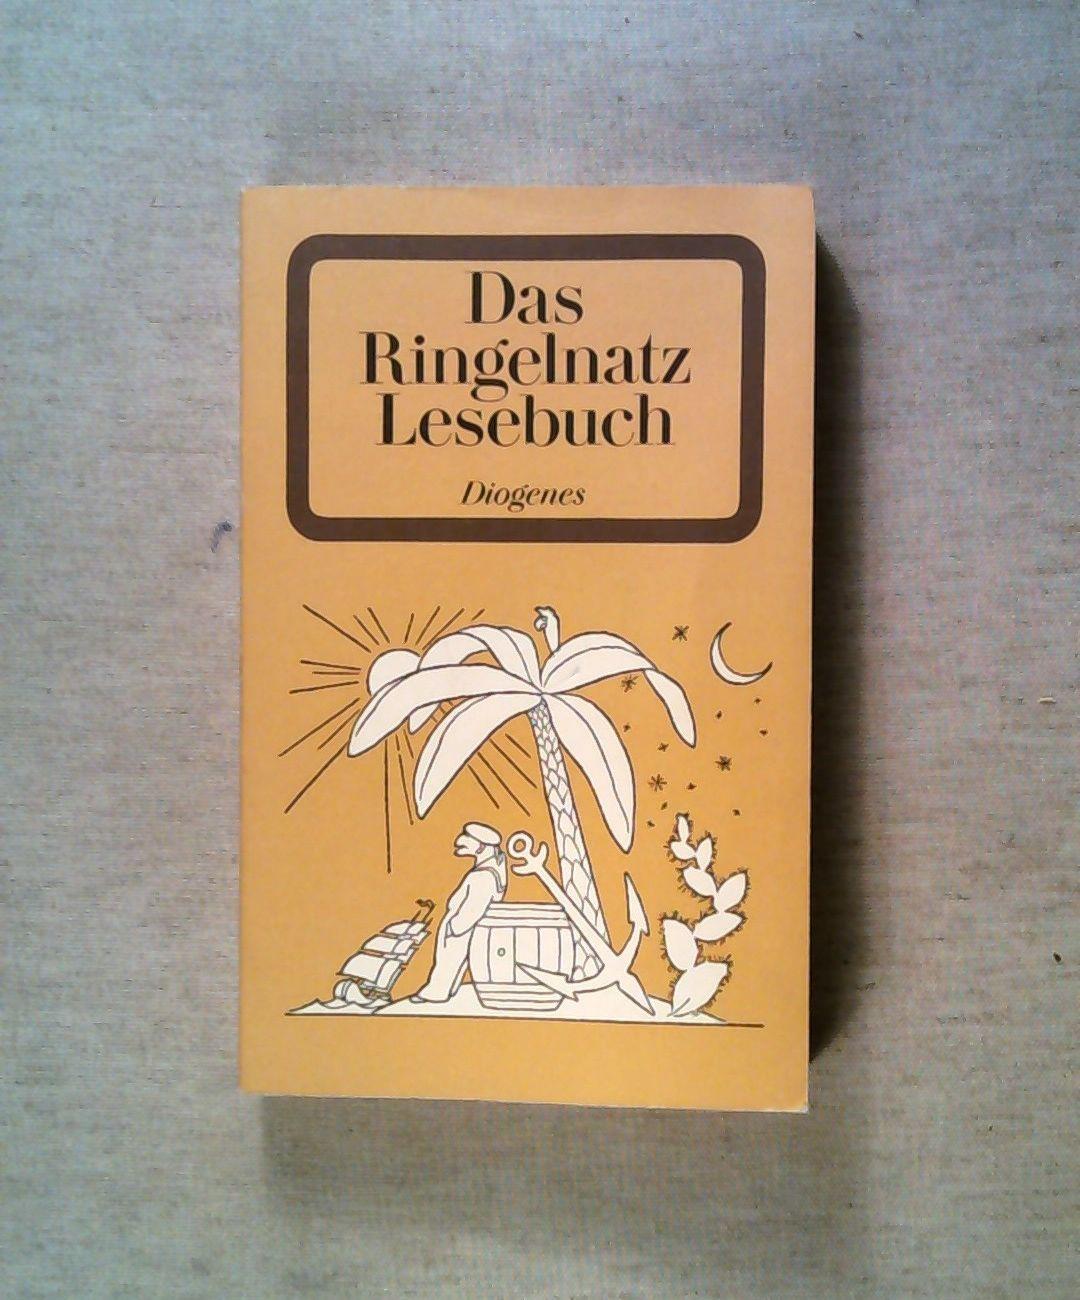 Das Ringelnatz Lesebuch (detebe, Band 21157): Joachim Ringelnatz: